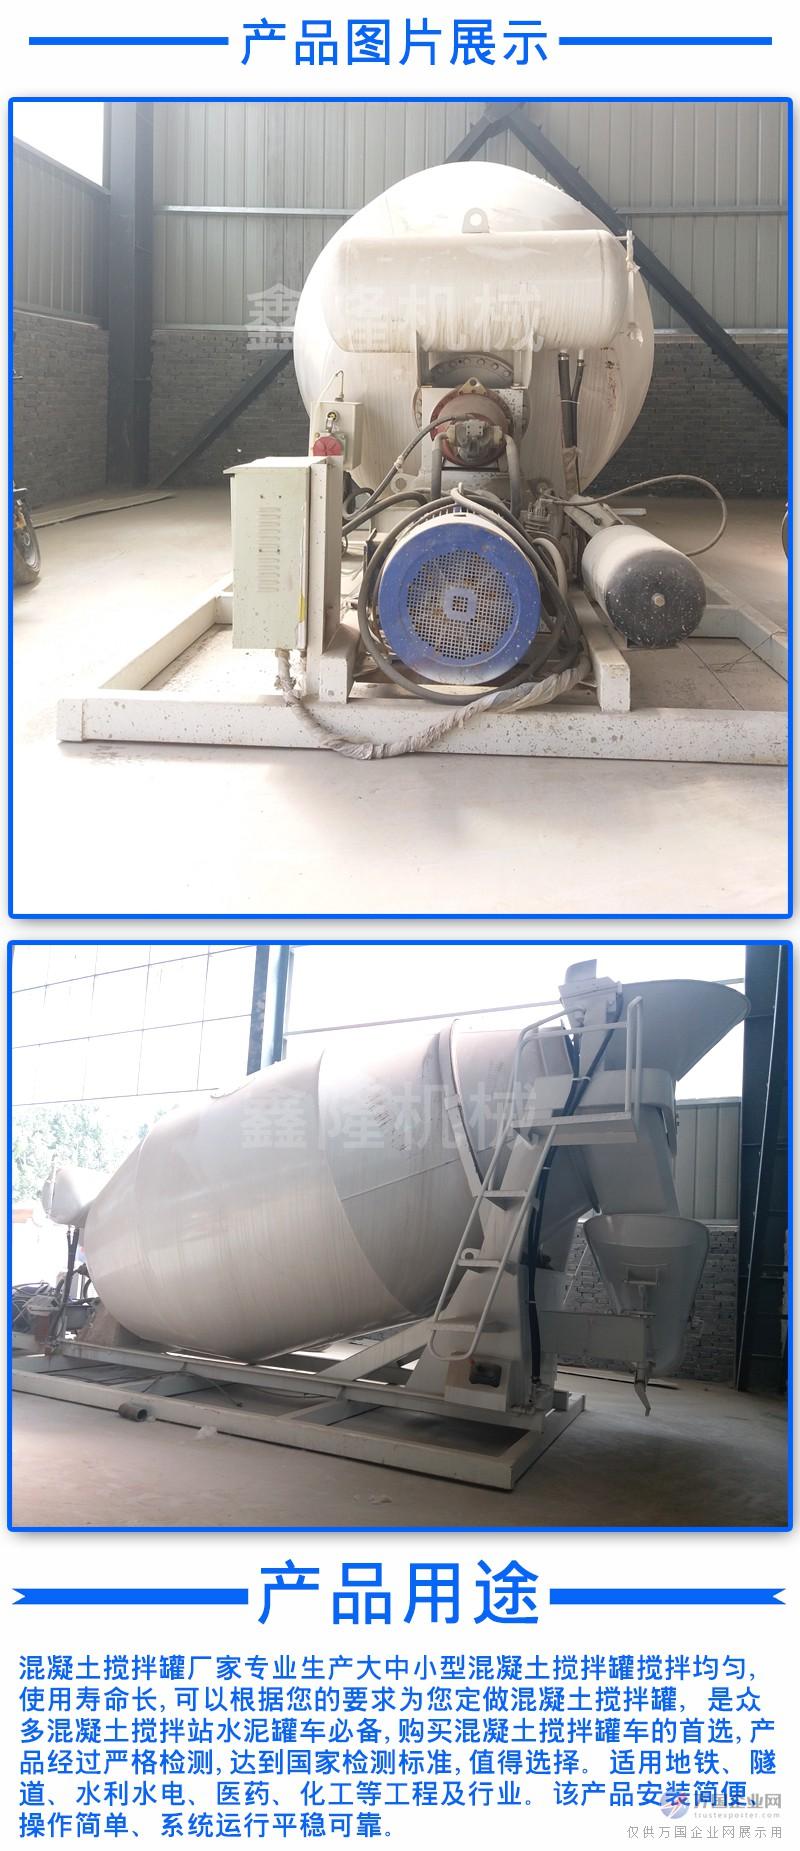 厂家直销 湿拌砂浆专用罐 建筑工程专用